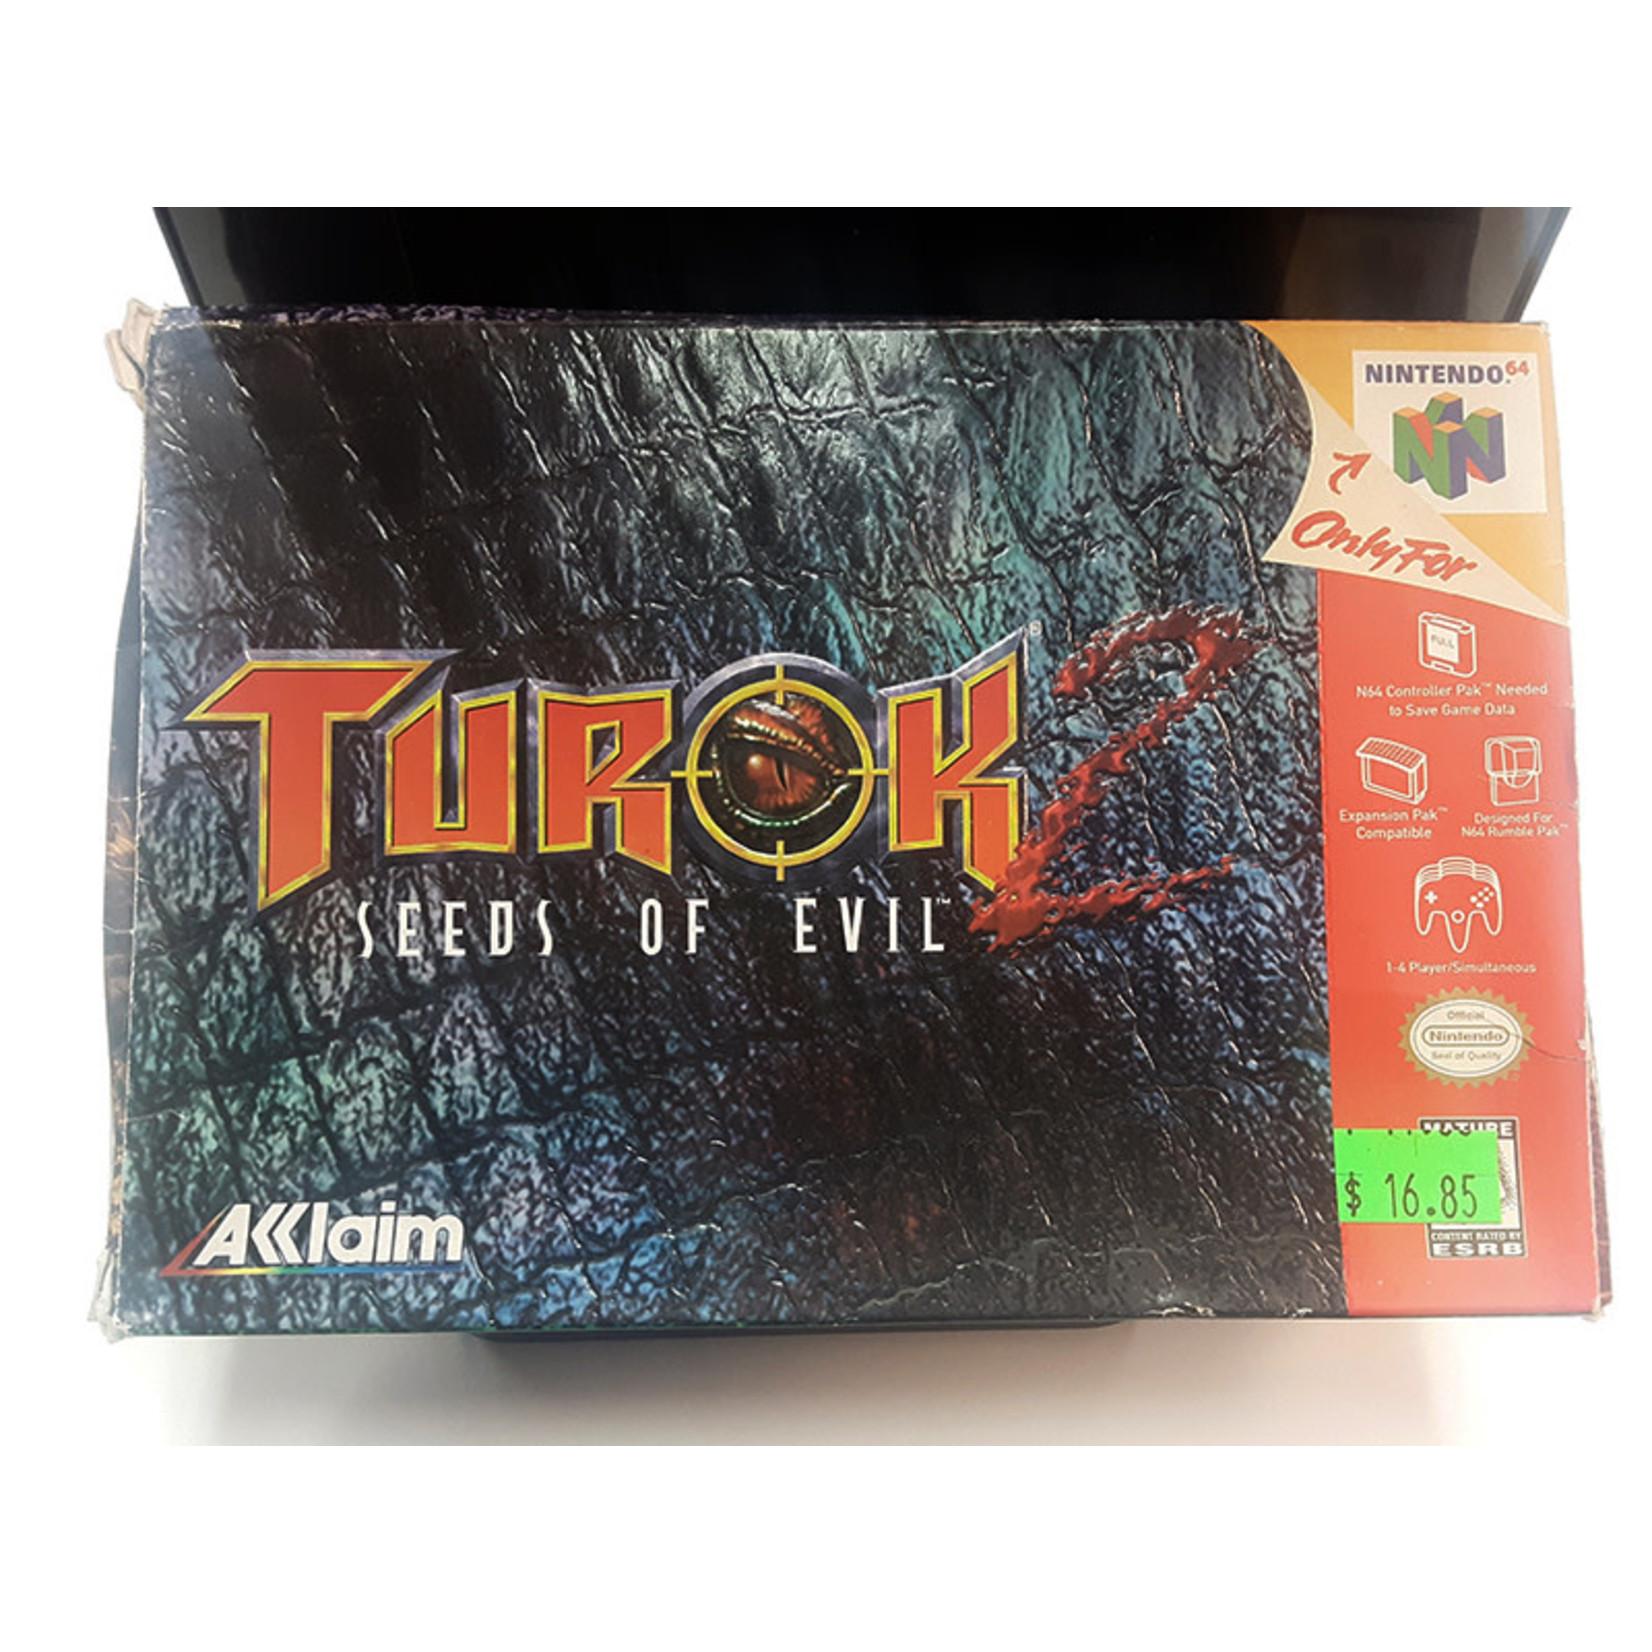 N64U-Turok 2 seeds of evil boxed